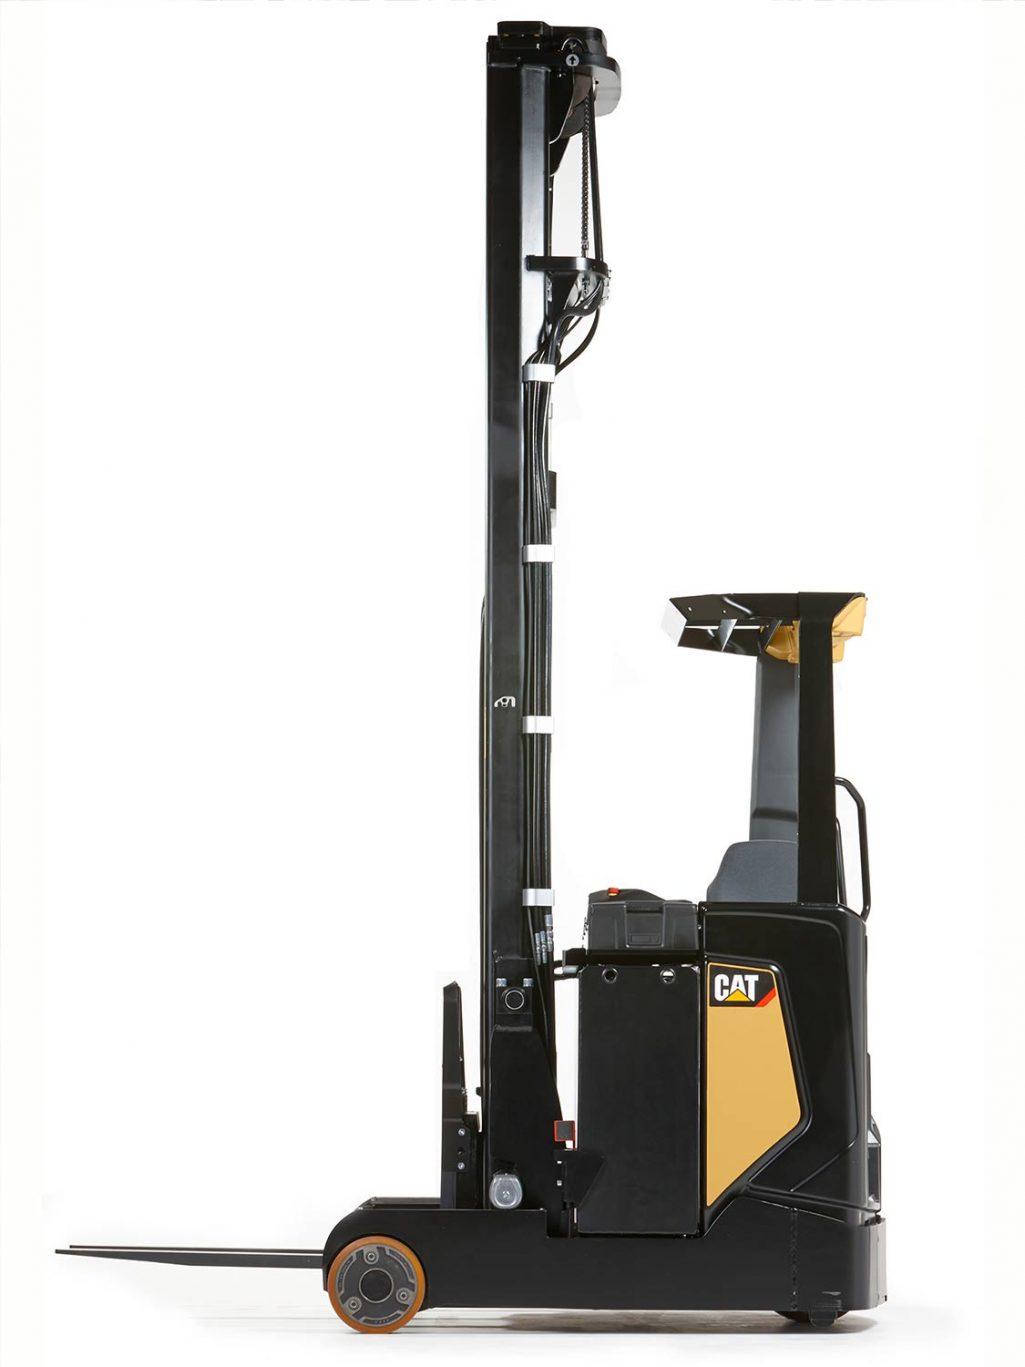 NR14-25N2 – Reach Trucks